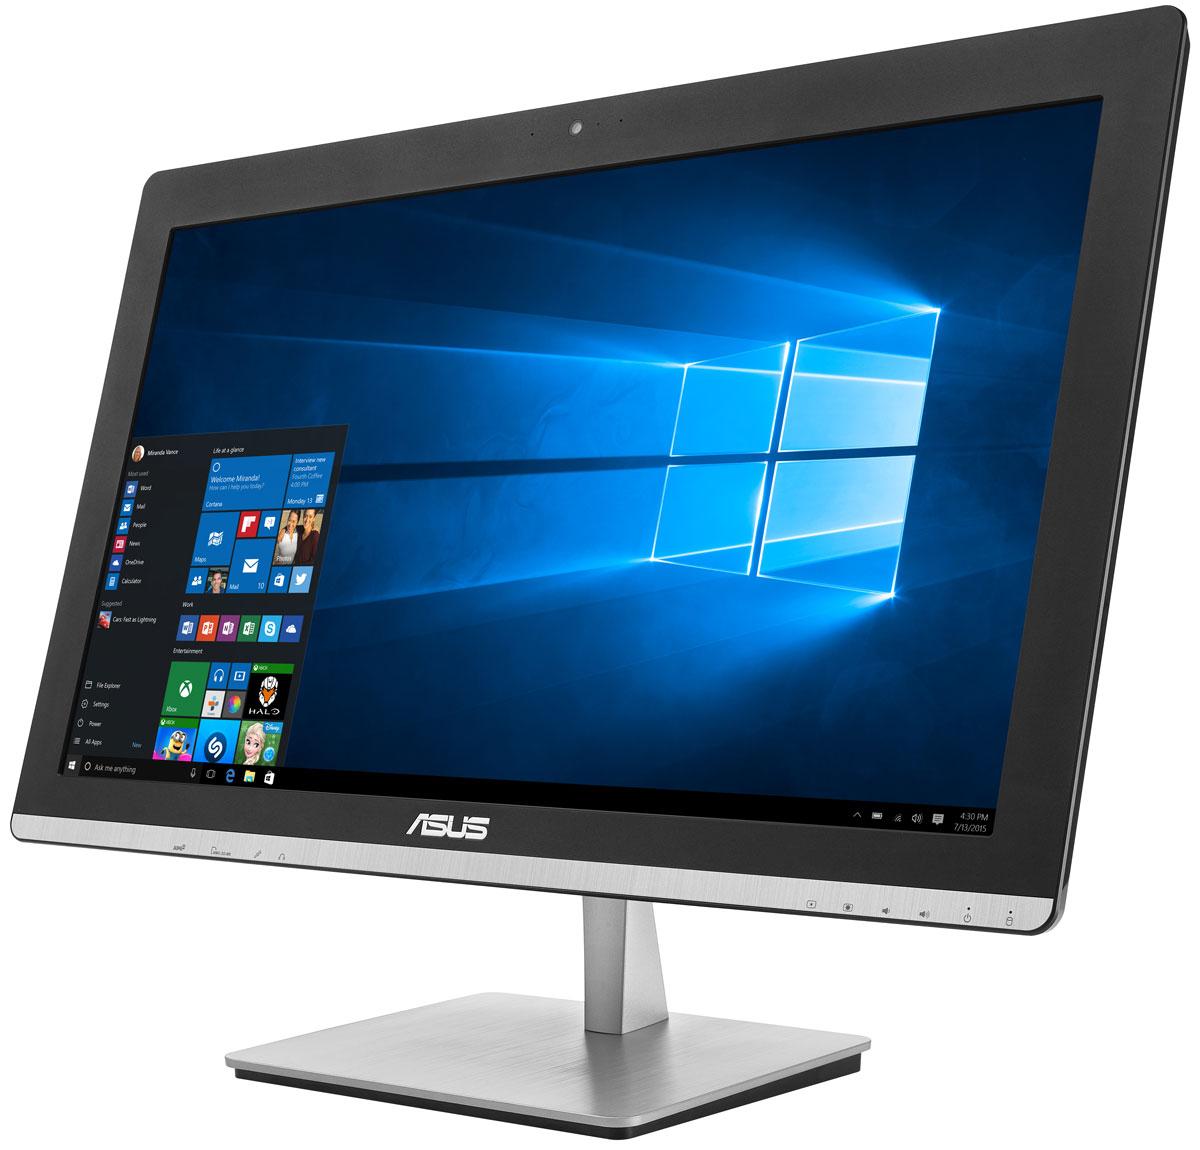 ASUS Vivo AiO V230ICGK-BC321X, Black моноблокV230ICGK-BC321XУстройство Asus V230ICGK - это полноценный моноблочный компьютер, включающий в себя дисплей, процессор, видеокарту, оперативную и пользовательскую память. Он выполнен в красивом корпусе, который будет удачно смотреться в домашнем интерьере.Компактное полнофункциональное устройство, такое как моноблочный компьютер Asus V230ICGK, идеально подходит для современного дома, поскольку его можно использовать для самых различных приложений, как рабочих, так и развлекательных, при этом не засоряя домашний интерьер множеством кабелей и дополнительных приспособлений. Изящная подставка прочно удерживает моноблочный компьютер на месте. В отличие от подставок аналогичных моделей, ее верхний конец прикреплен к задней панели дисплея, а не к его основанию.Моноблочный компьютер Asus V230ICGK оснащается процессором Intel Core i3 шестого поколения, который показывает высокую производительность при низком энергопотреблении. С ним можно комфортно выполнять любые задачи, от веб-серфинга и создания мультимедийных презентаций до редактирования видеороликов.Моноблок Asus V230ICGK оснащен современной графической подсистемой. NVIDIA GeForce 930M поможет ускорить процесс создания видео в HD-качестве и обработку фотографий, а также даст возможность насладиться плавной визуализацией и отменной реакцией в современных играх.Asus V230ICGK обладает ультратонким экраном со светодиодной подсветкой, обеспечивающим высокую яркость и контрастность изображения. Благодаря широким углам обзора IPS-матрицы картинка на экране моноблока не претерпевает каких-либо искажений цветопередачи при изменении угла, под которым вы смотрите на экран. Разрешение Full HD (1920x1080) позволяет наслаждаться играми и фильмами с безупречной четкостью.Точная цветопередача делает любое изображение на экране этого компьютера невероятно реалистичным, будь то картинка вечернего заката или семейное фото.Благодаря эксклюзивной технологии SonicMaster встроенная аудиосистема Asu